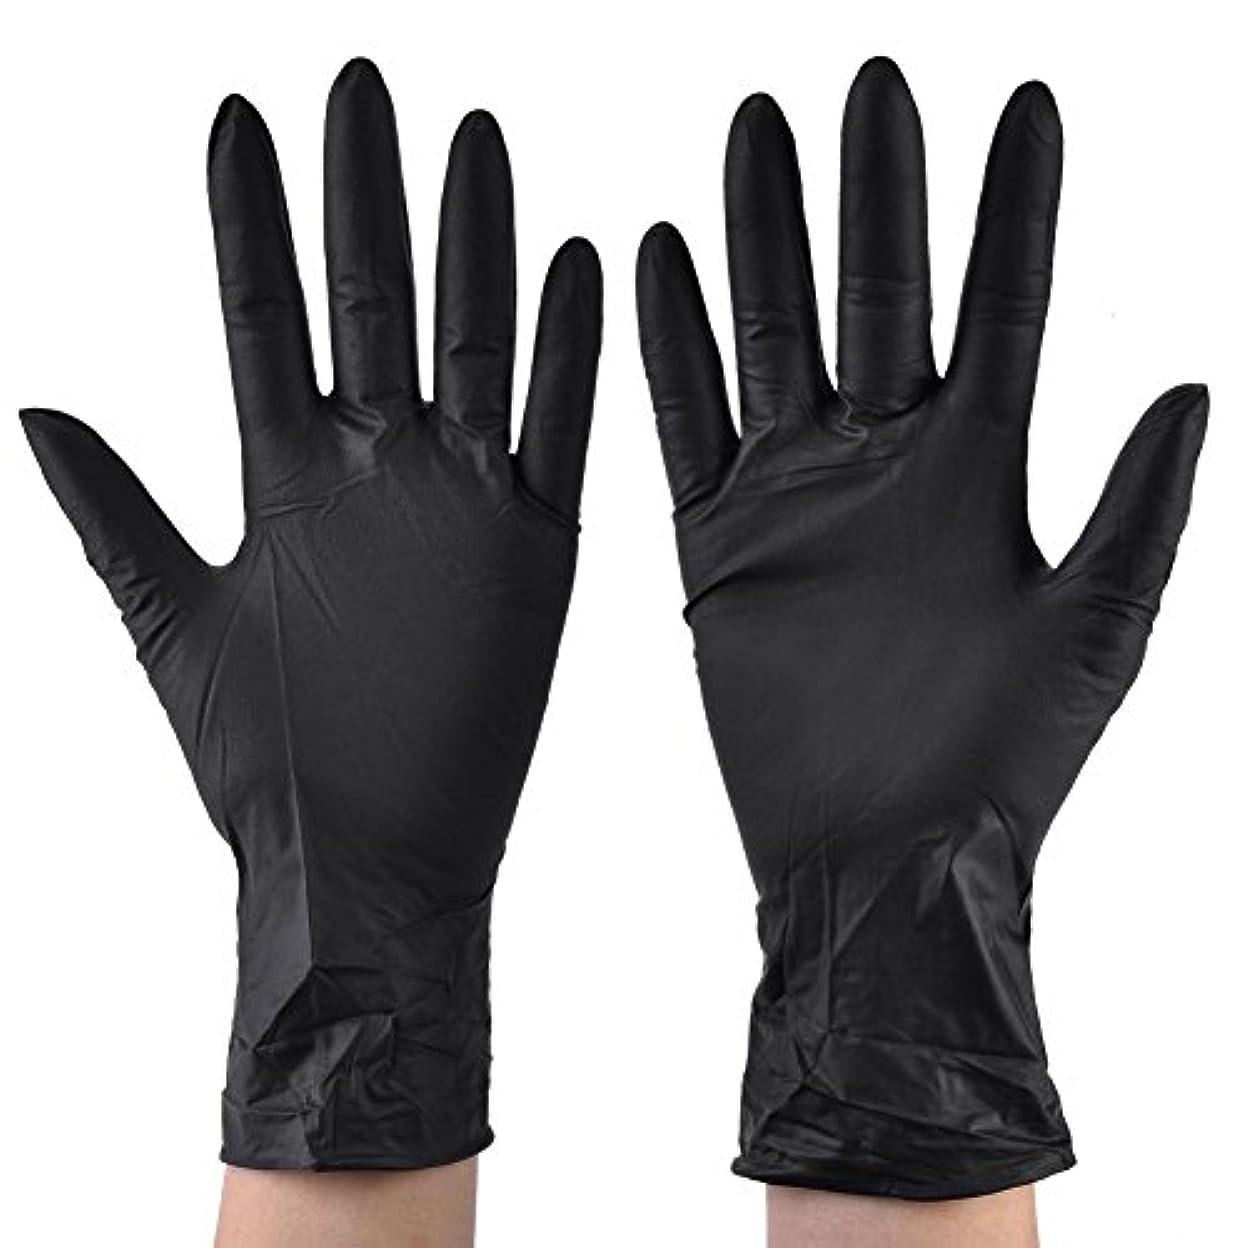 よろしく遺産舗装する使い捨て手袋 ニトリルグローブ ホワイト 粉なし 工業用/医療用/理美容用/レストラン用 M/L選択可 100枚 左右兼用 作業手袋(M)